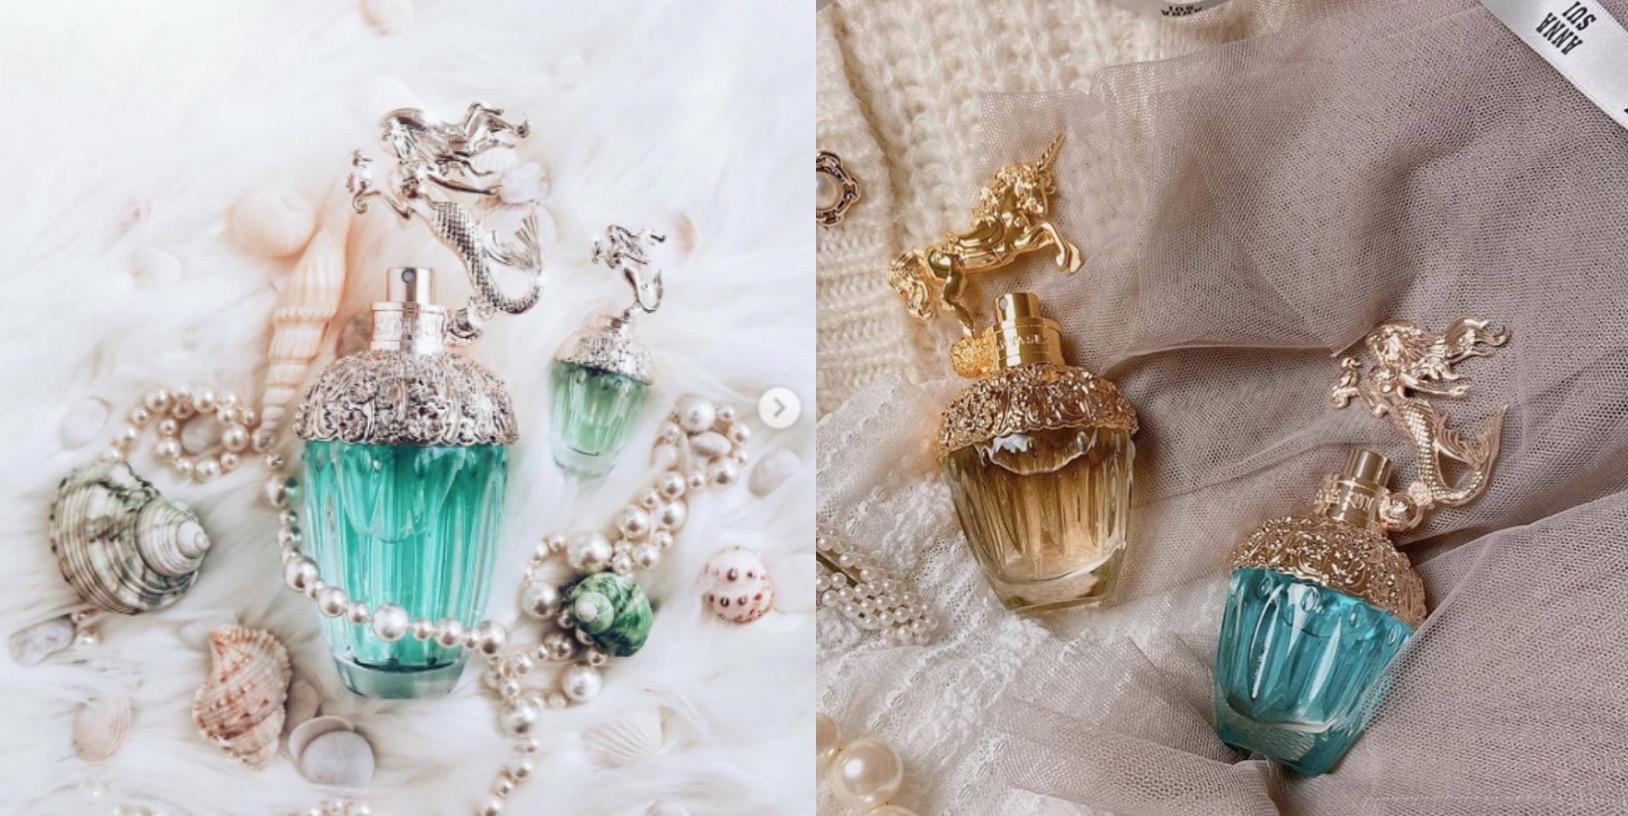 拋光水晶瓶中盛裝著象徵大海的藍綠色香水,香檳玫瑰金瓶蓋上烙印了葉子和花朵圖樣立體的美人魚公主雕像超美